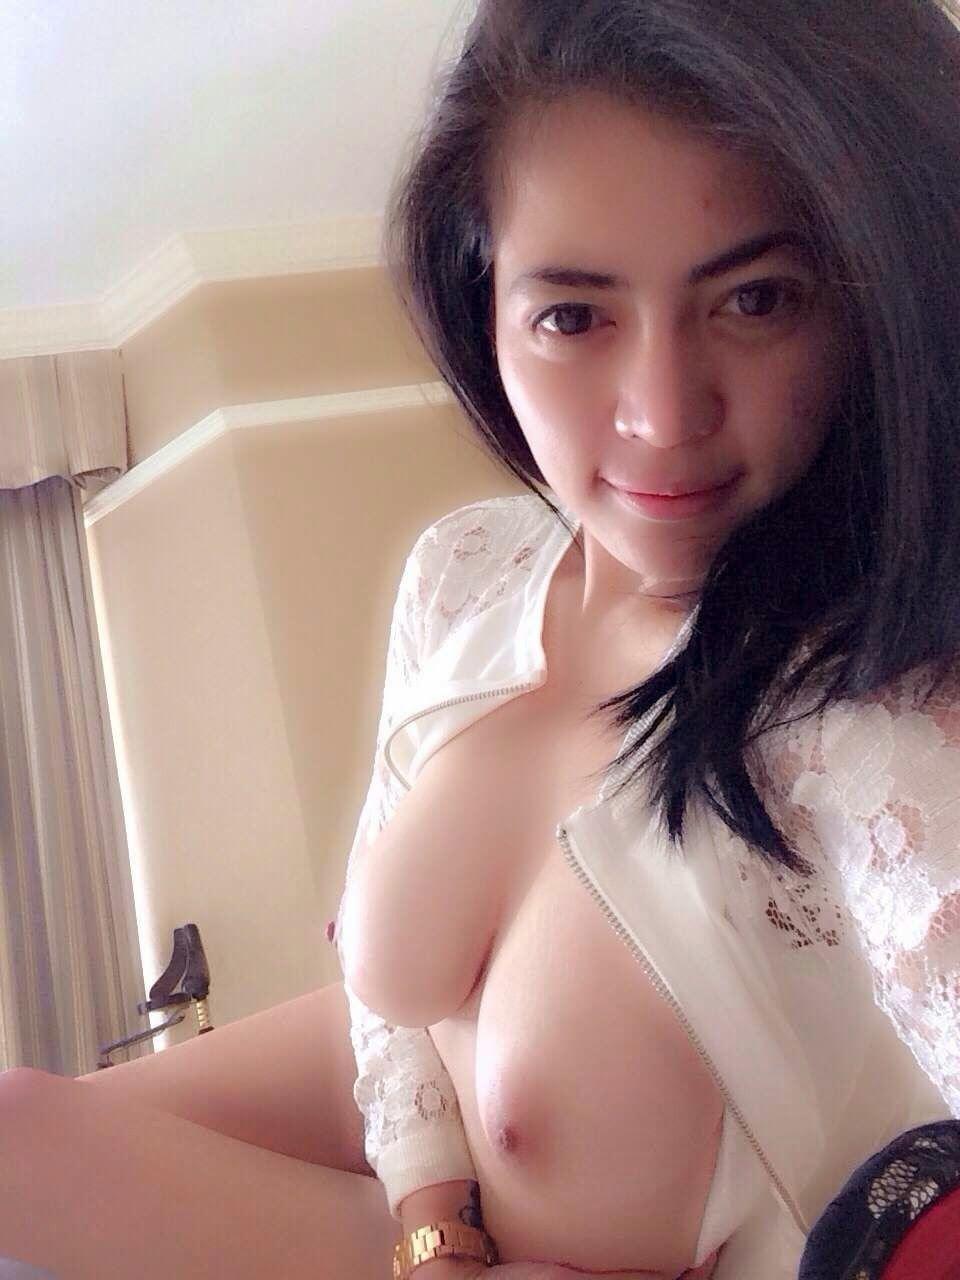 Public Gallery - Check Fake Photos: Sexy Girl 15 | igo ...